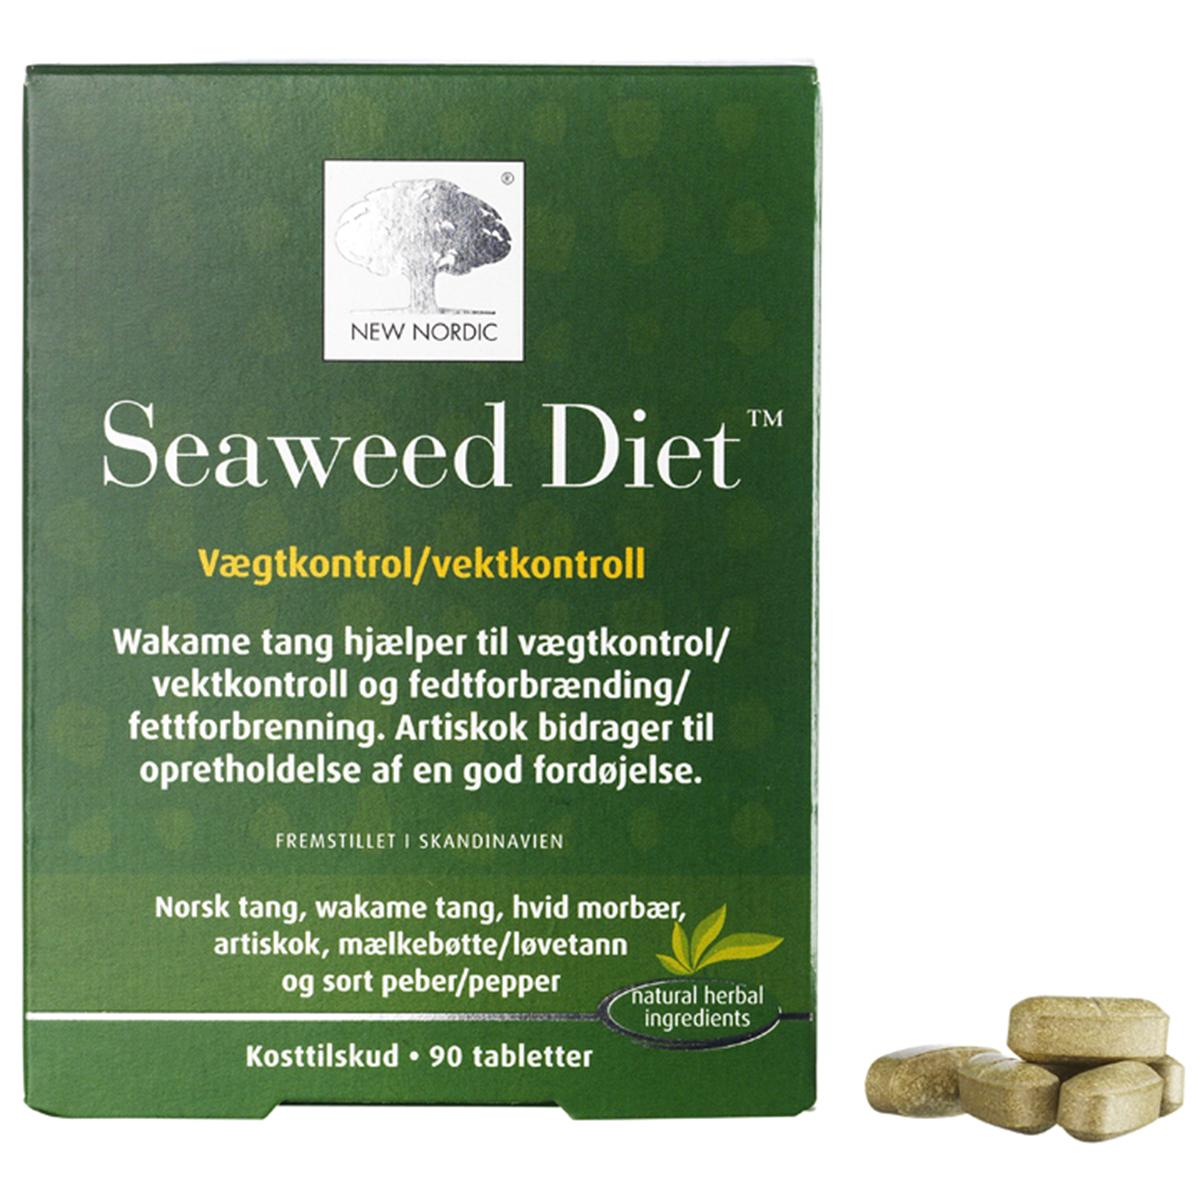 New Nordic Seaweed Diet - 90 stk.